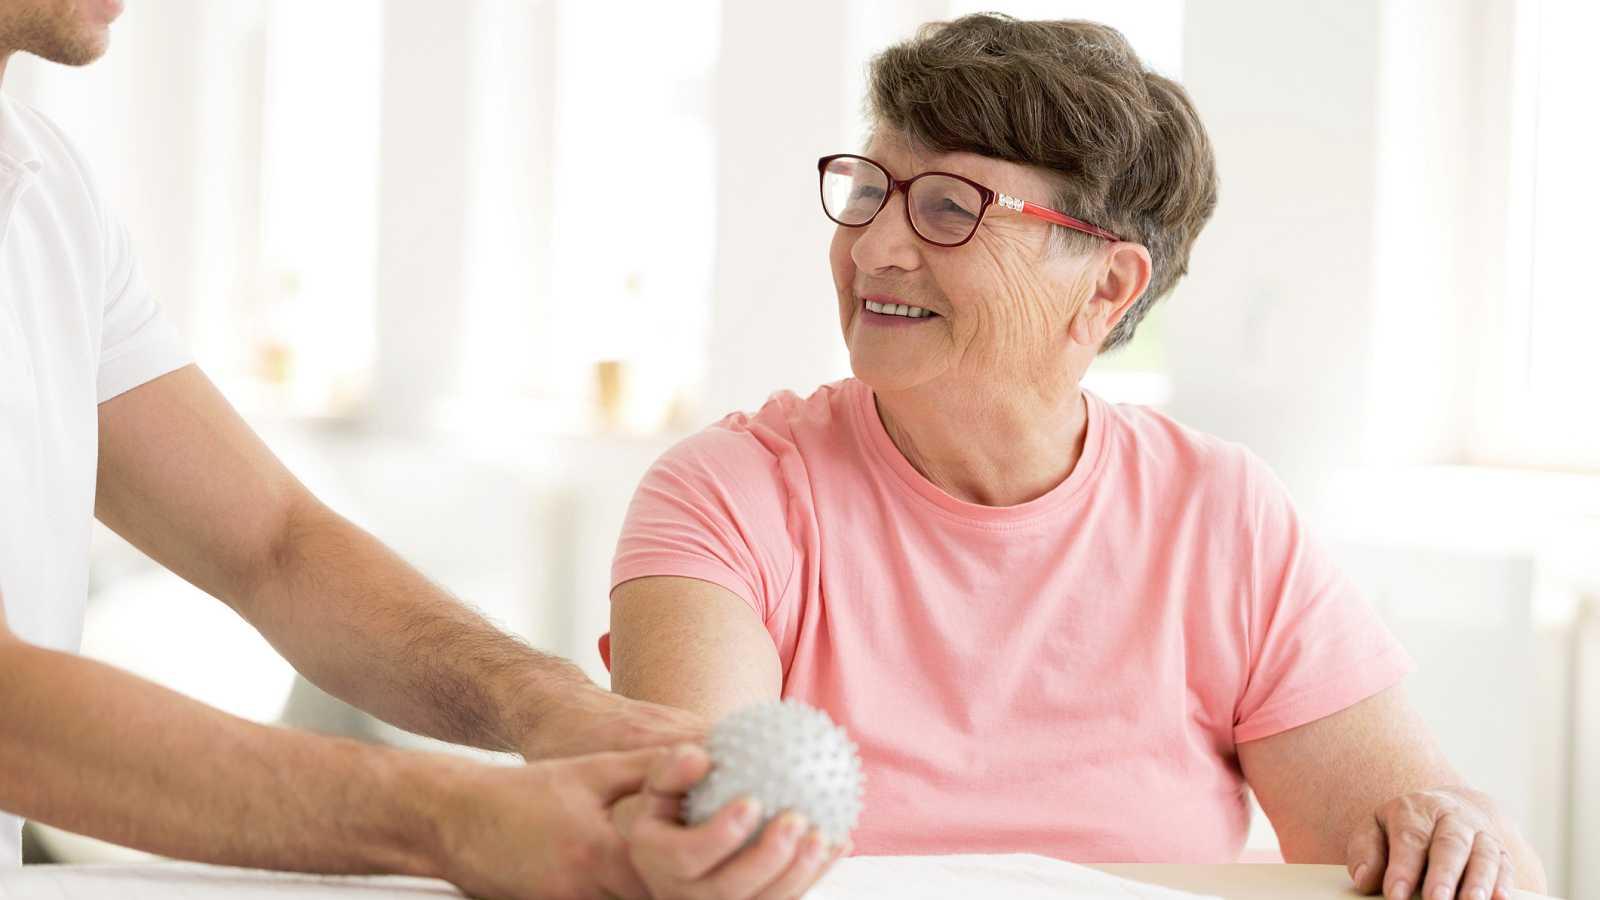 En el Día Mundial de la Esclerosis Múltiple, se recuerda que 55.000 personas sufren esta enfermedad en España. Fatiga, falta de equilibrio y de fuerza, alteraciones en la visión y en el control de esfínteres son algunos de los síntomas a los que esto